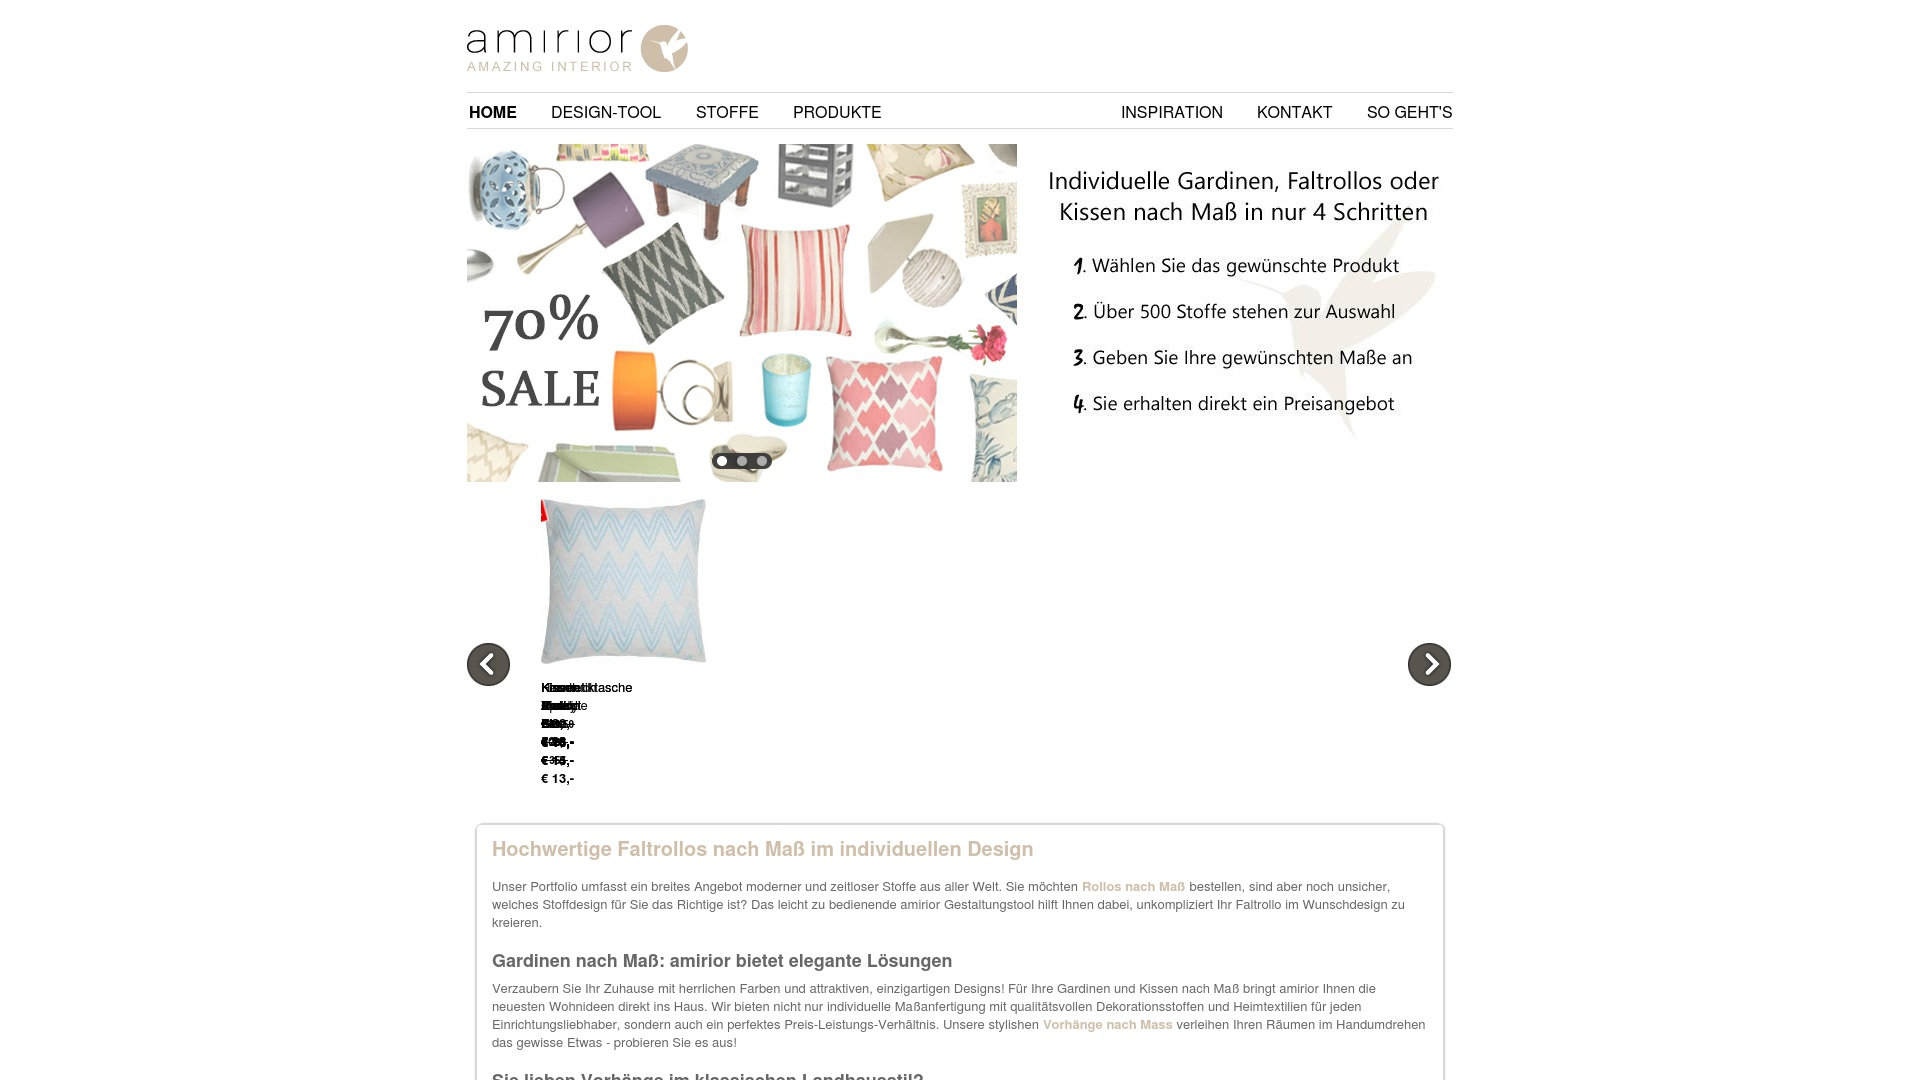 Gutschein für Amirior: Rabatte für  Amirior sichern